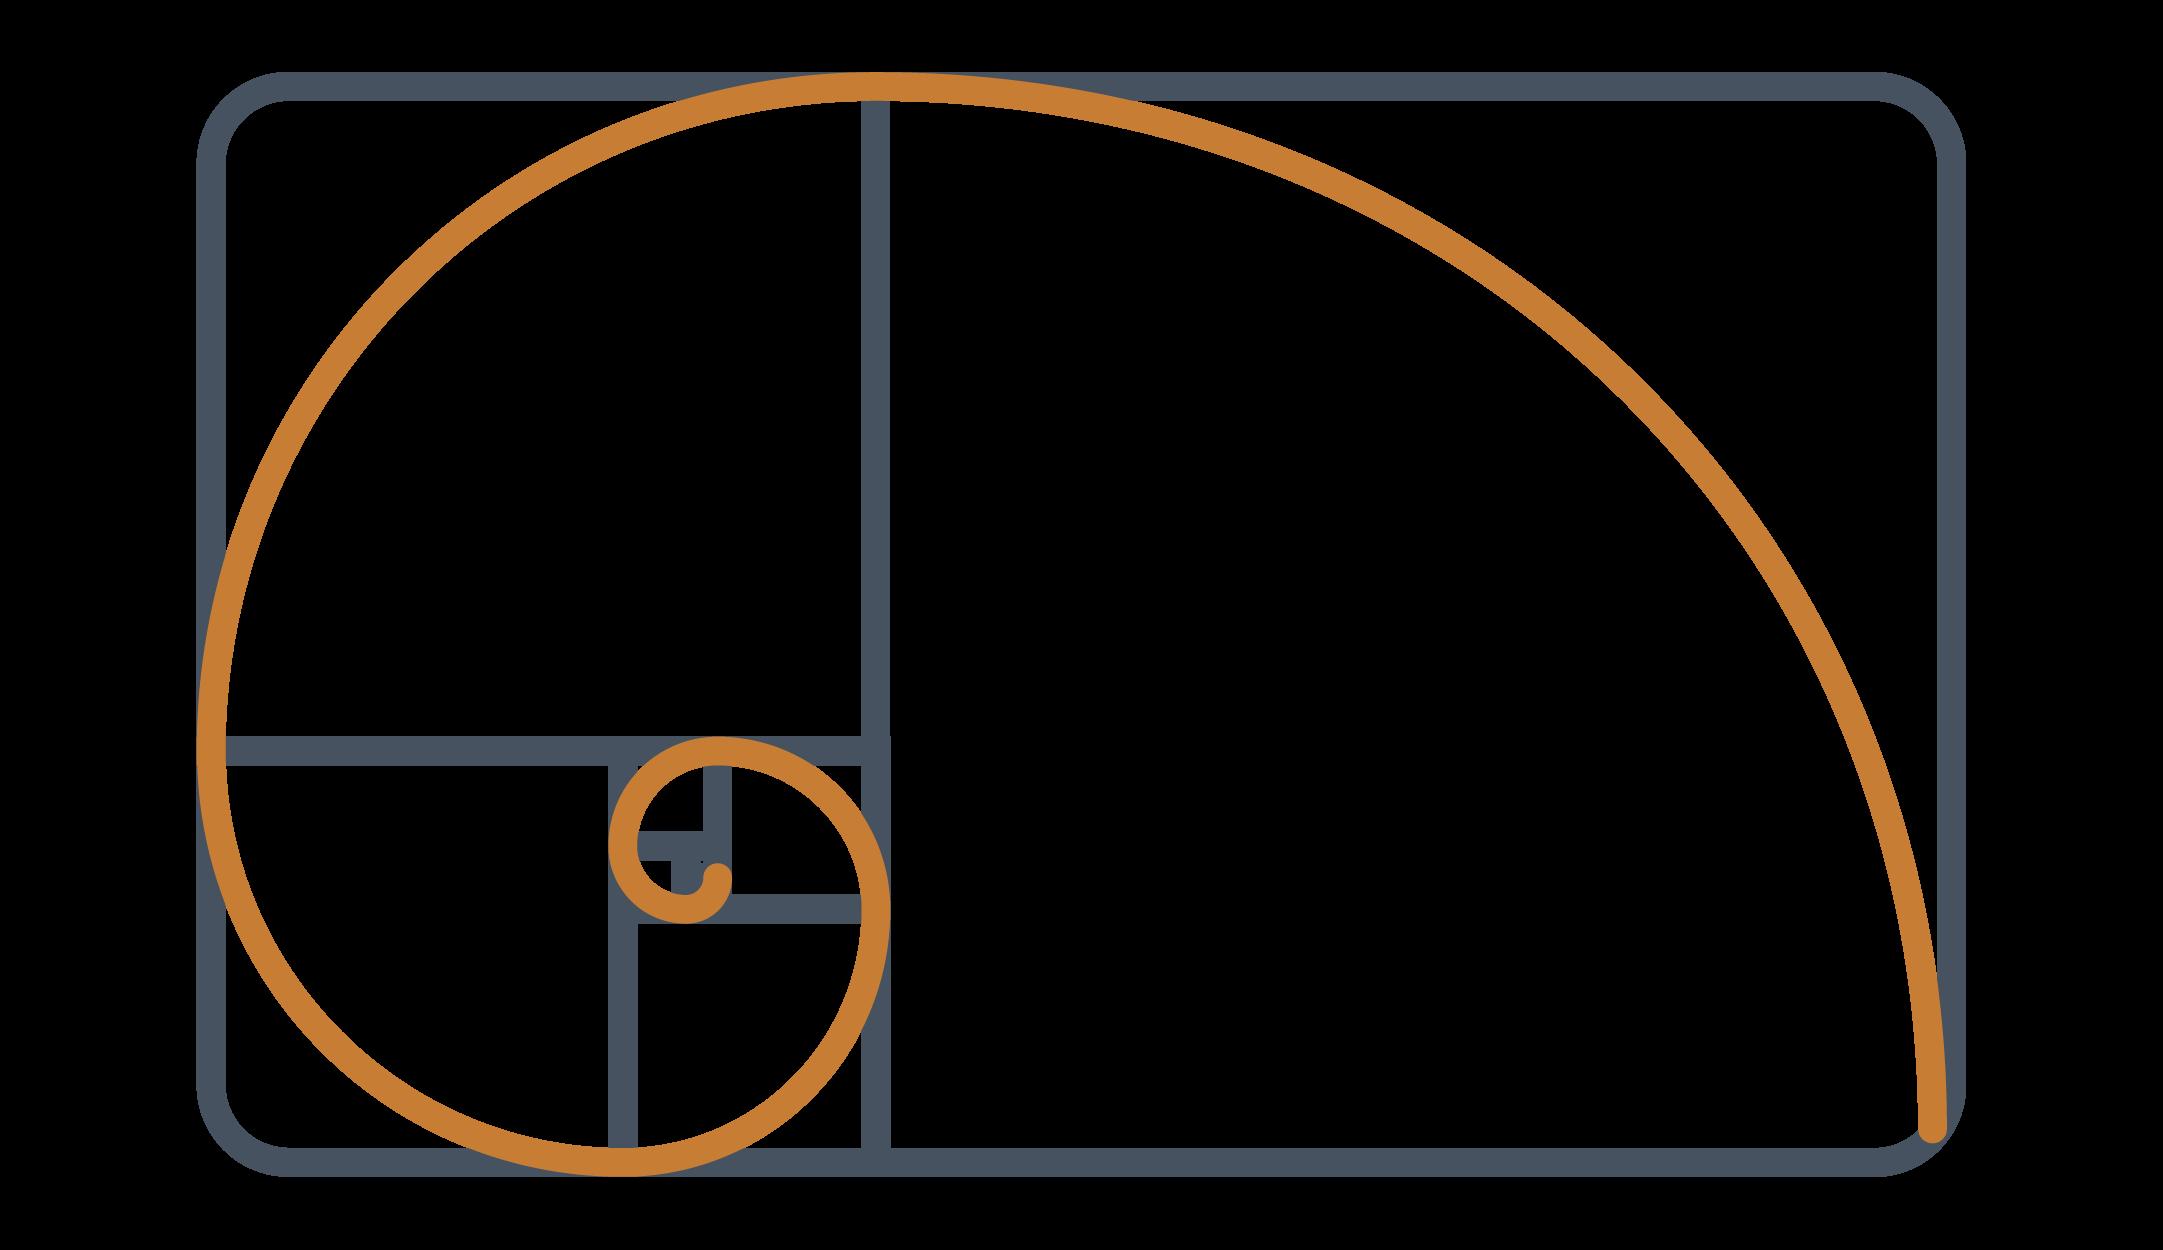 Symbols-03.png